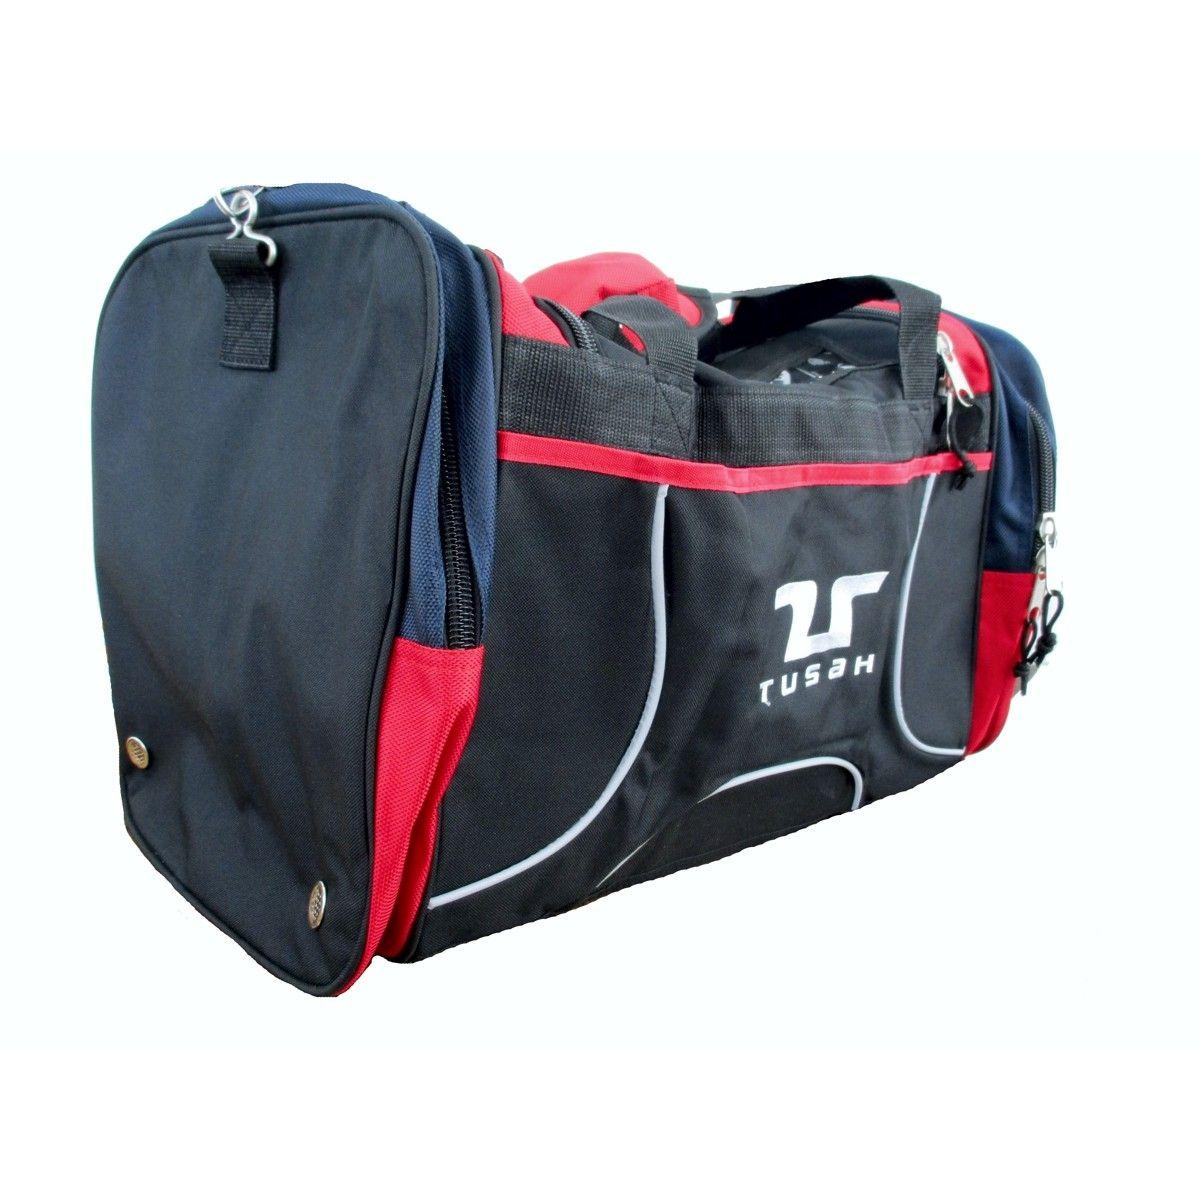 Borsa Borsone per Taekwondo Pro-Bag Tusah con porta Corazza esterno per Arti Marziali WT WTF